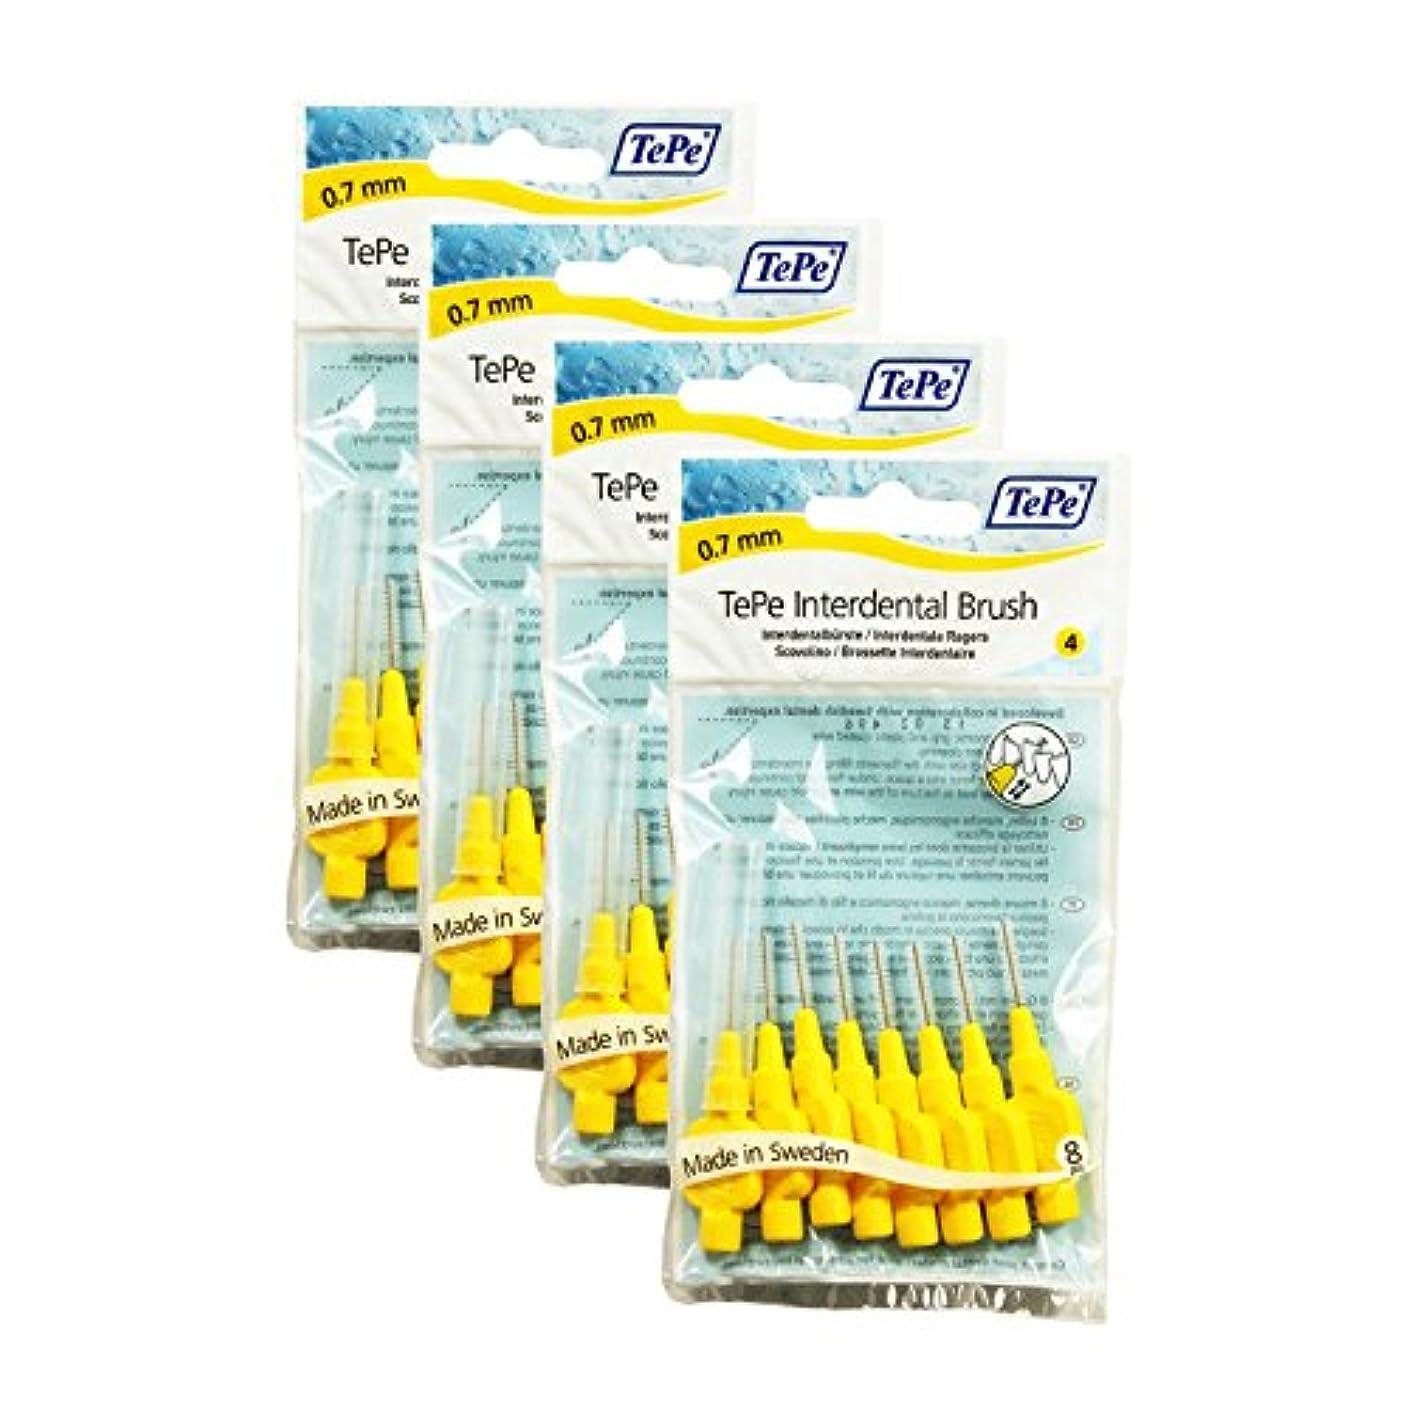 到着交響曲レーニン主義TePe Interdental Brushes 0.7mm Yellow - 4 Packets of 8 (32 Brushes) by TePe